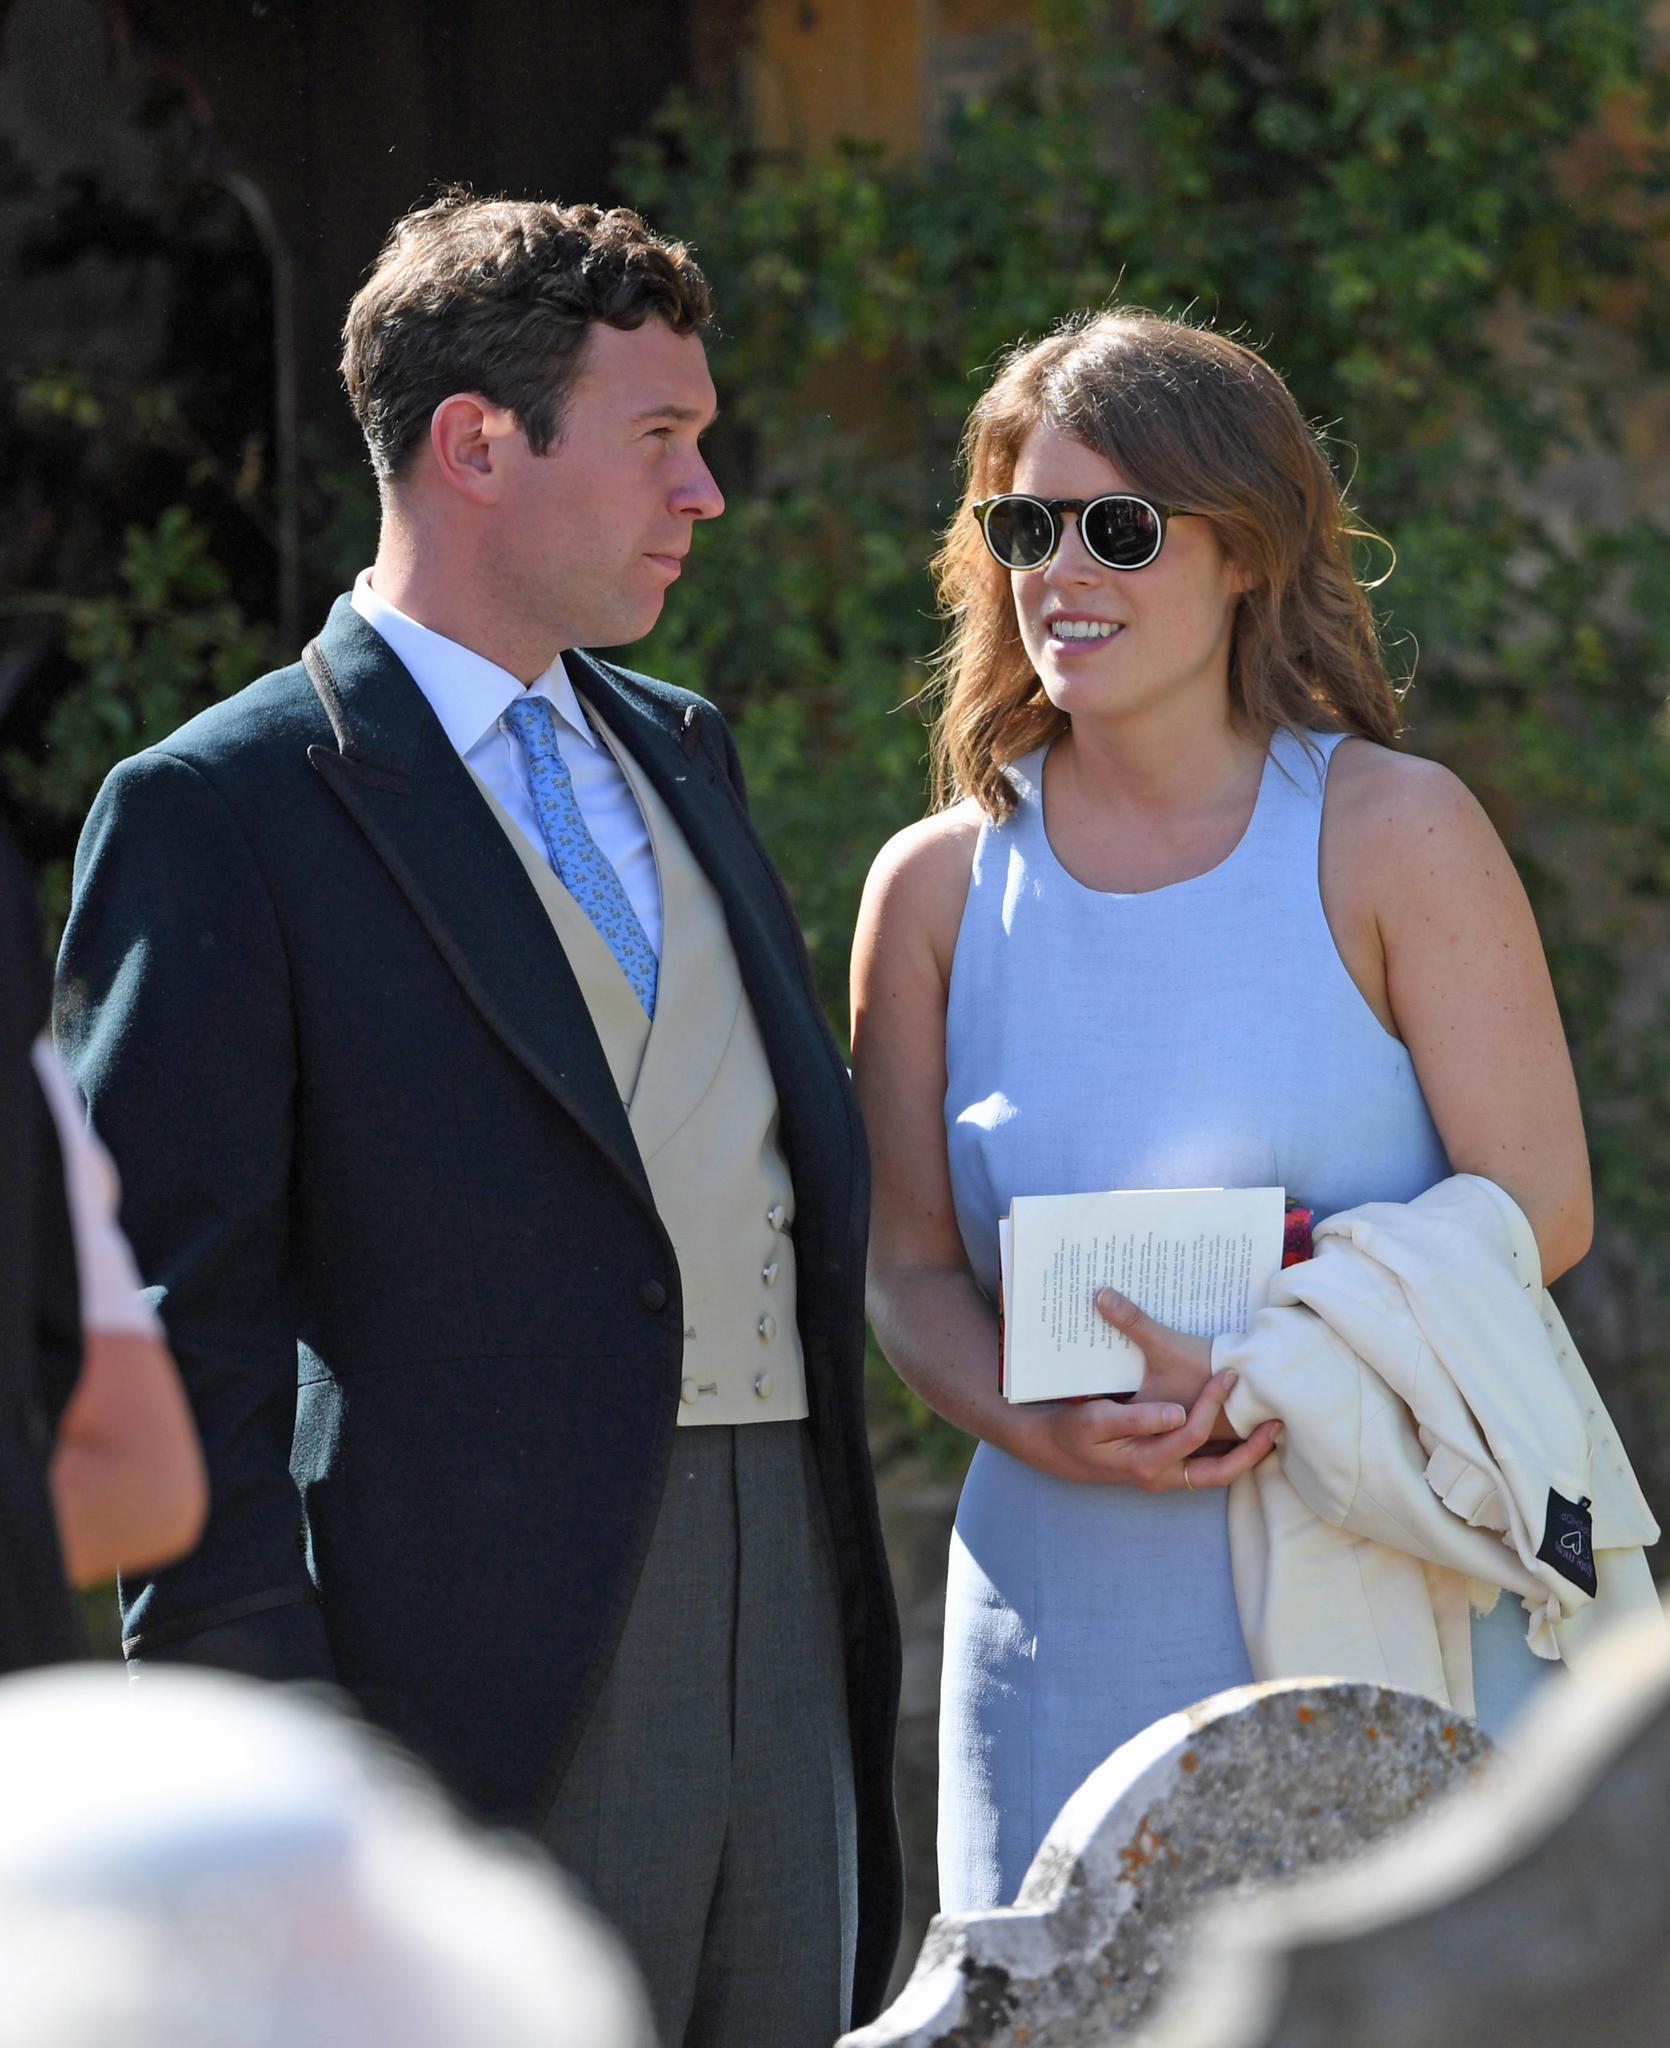 Für die Hochzeit von Prinzessin Eugenie und Jack Brooksbank sollen die Obdachlosen von Windsor ihre Quartiere verlassen